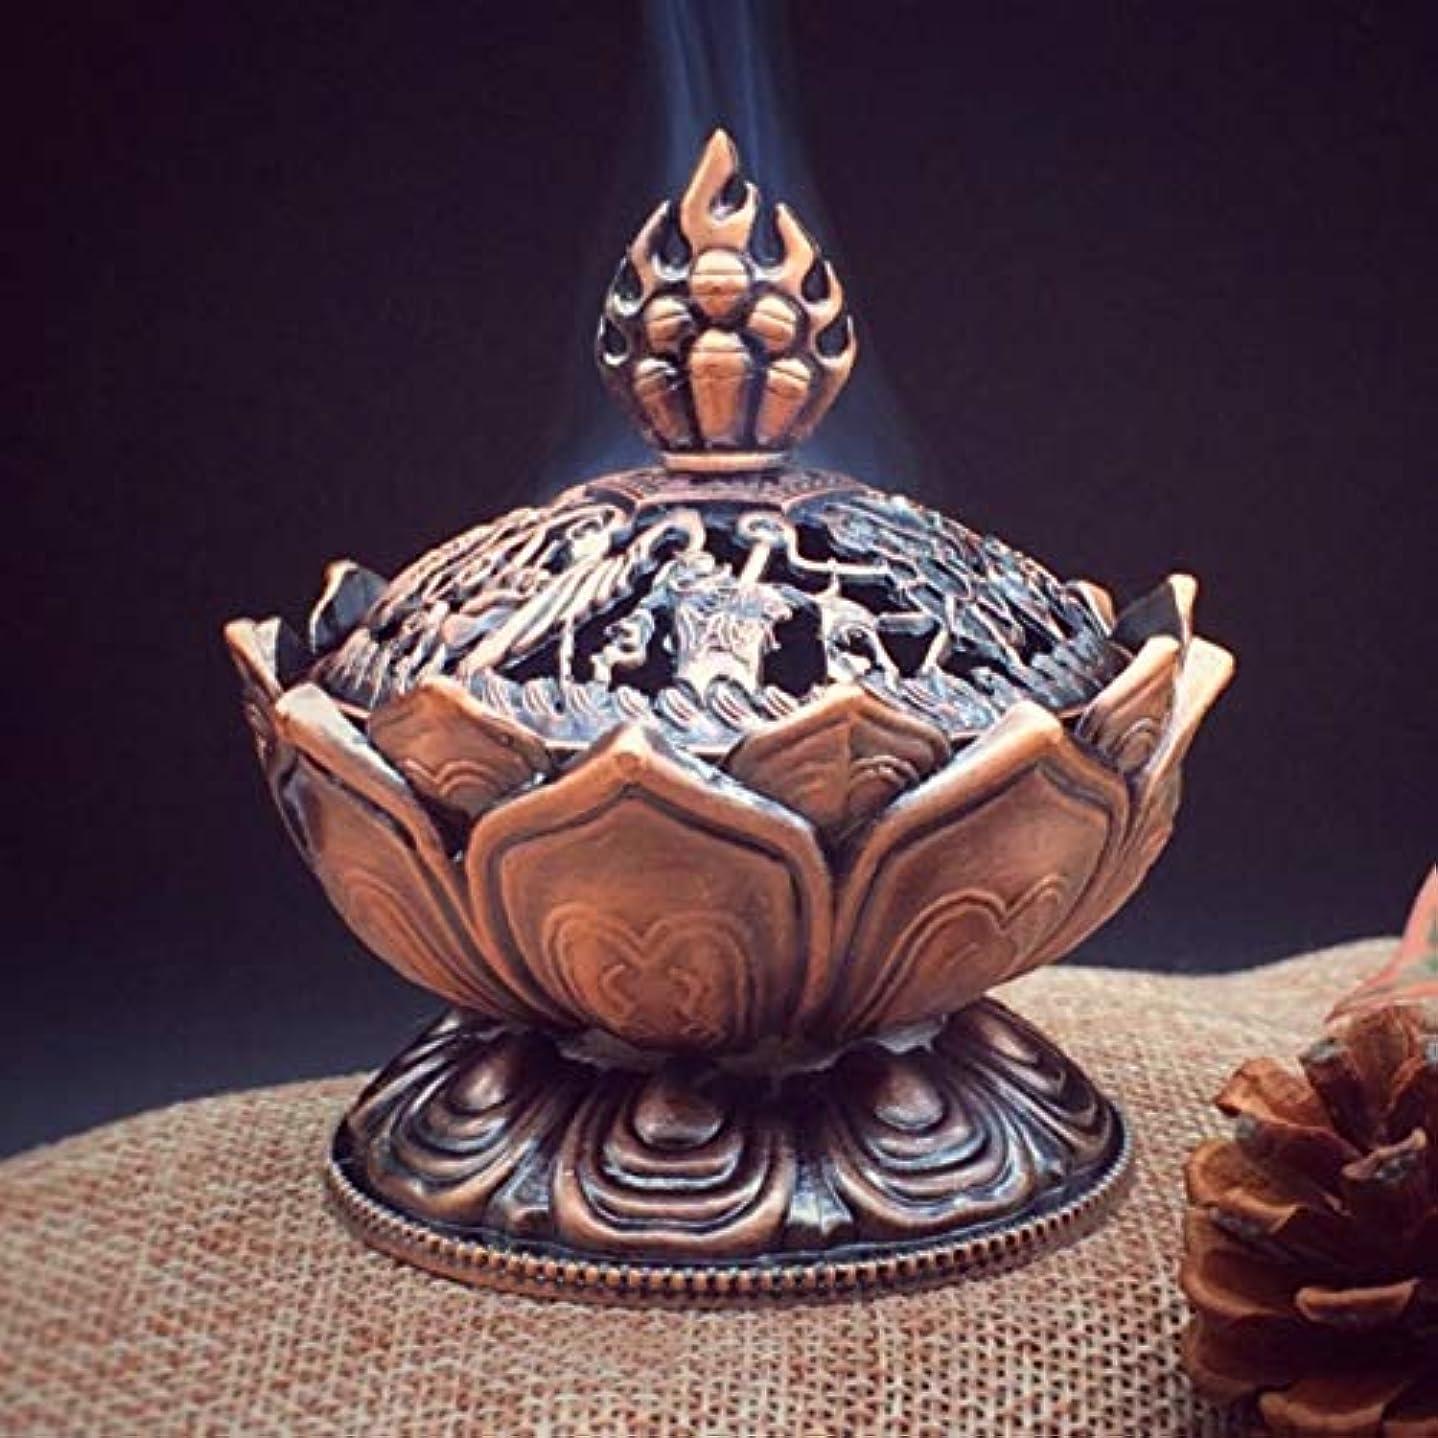 白い最近通常Holy Tibetan Lotus Designed Incense Burner Zinc Alloy Bronze Mini Incense Burner Incensory Metal Craft Home Decor